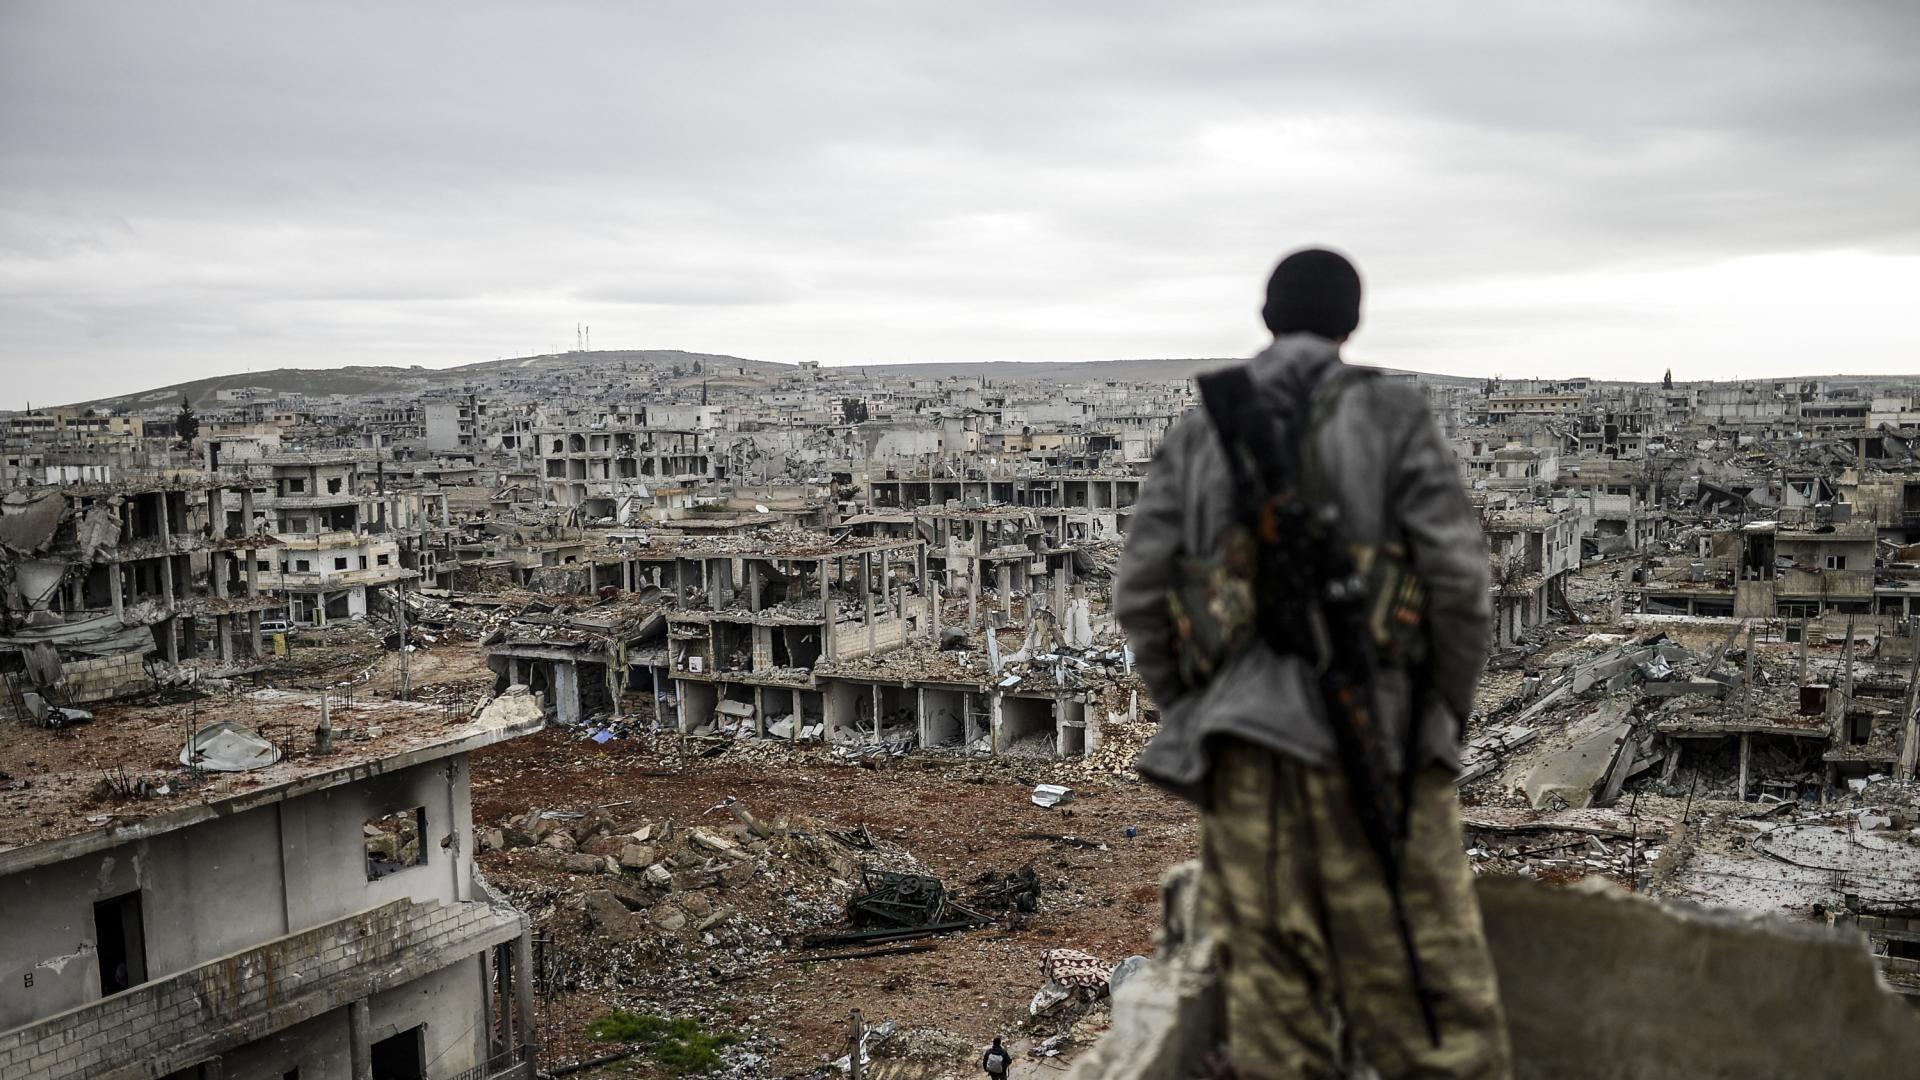 Siria, el conflicto sin fin